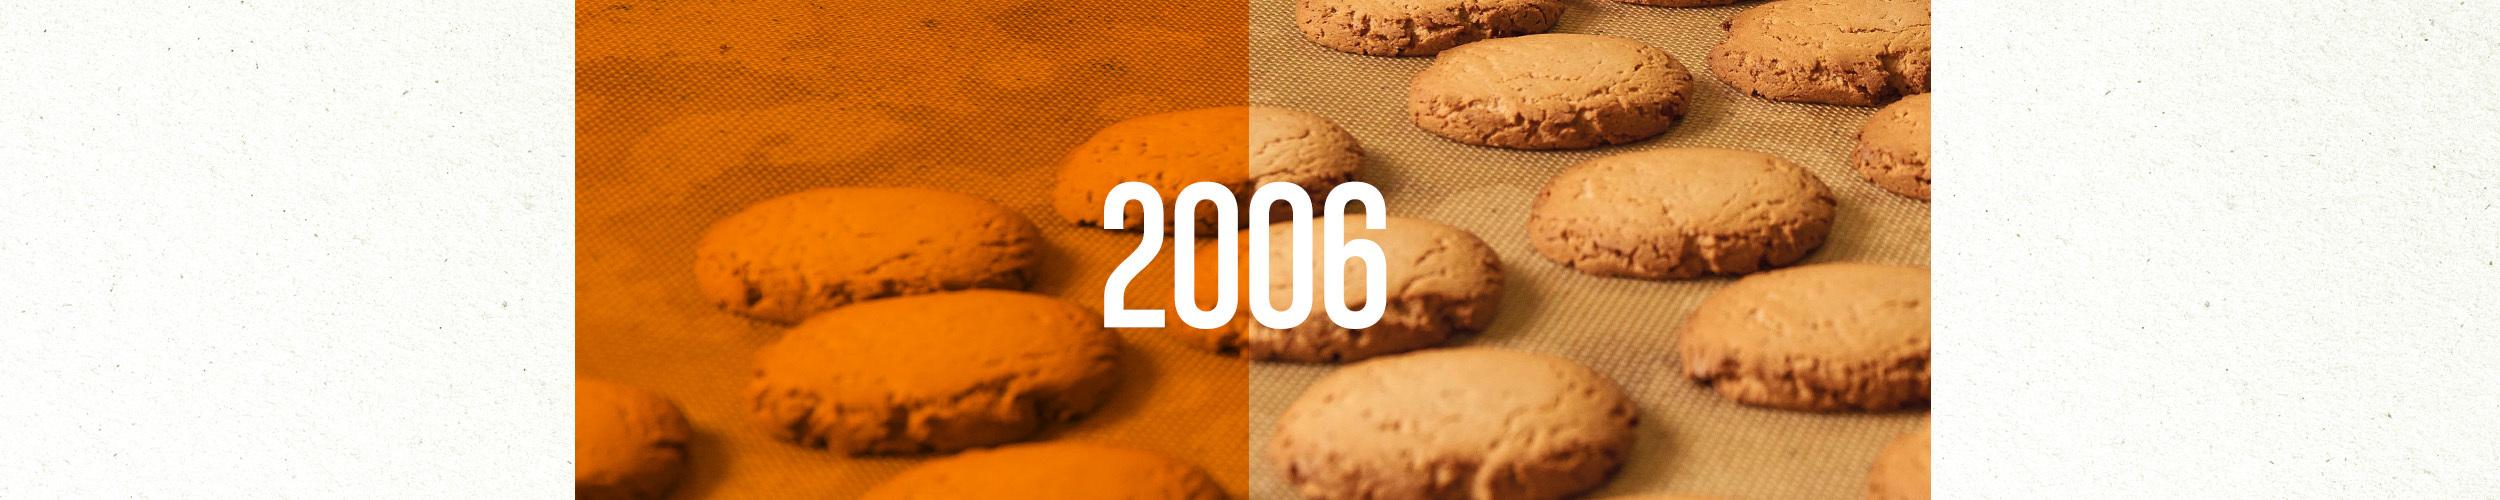 Carrousel Histoire 2006